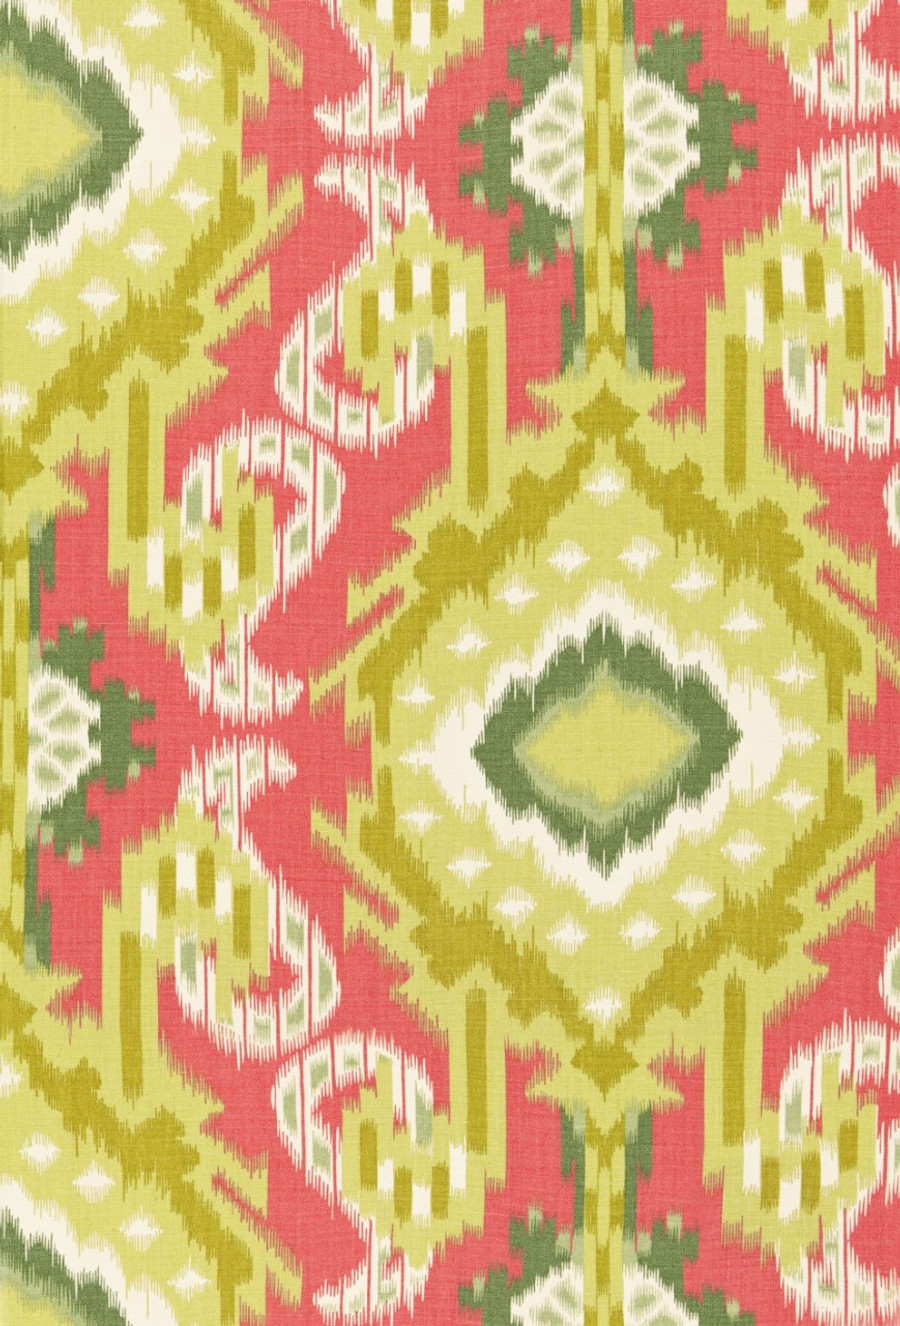 Schumacher Kiribati Ikat Print Coral